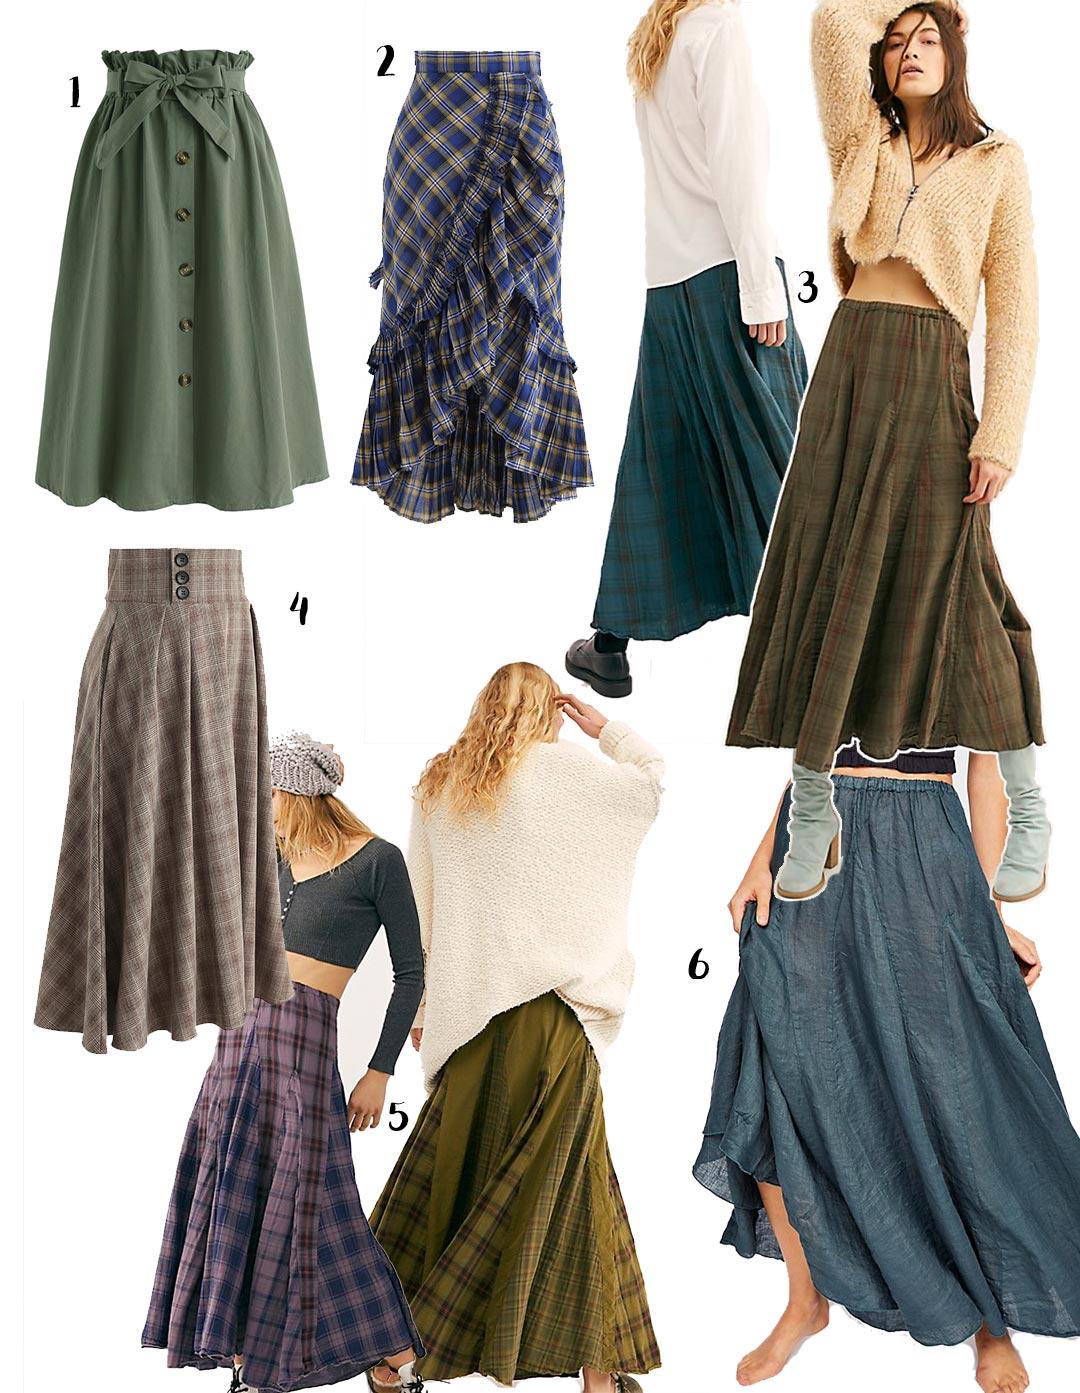 outlander inspired skirts